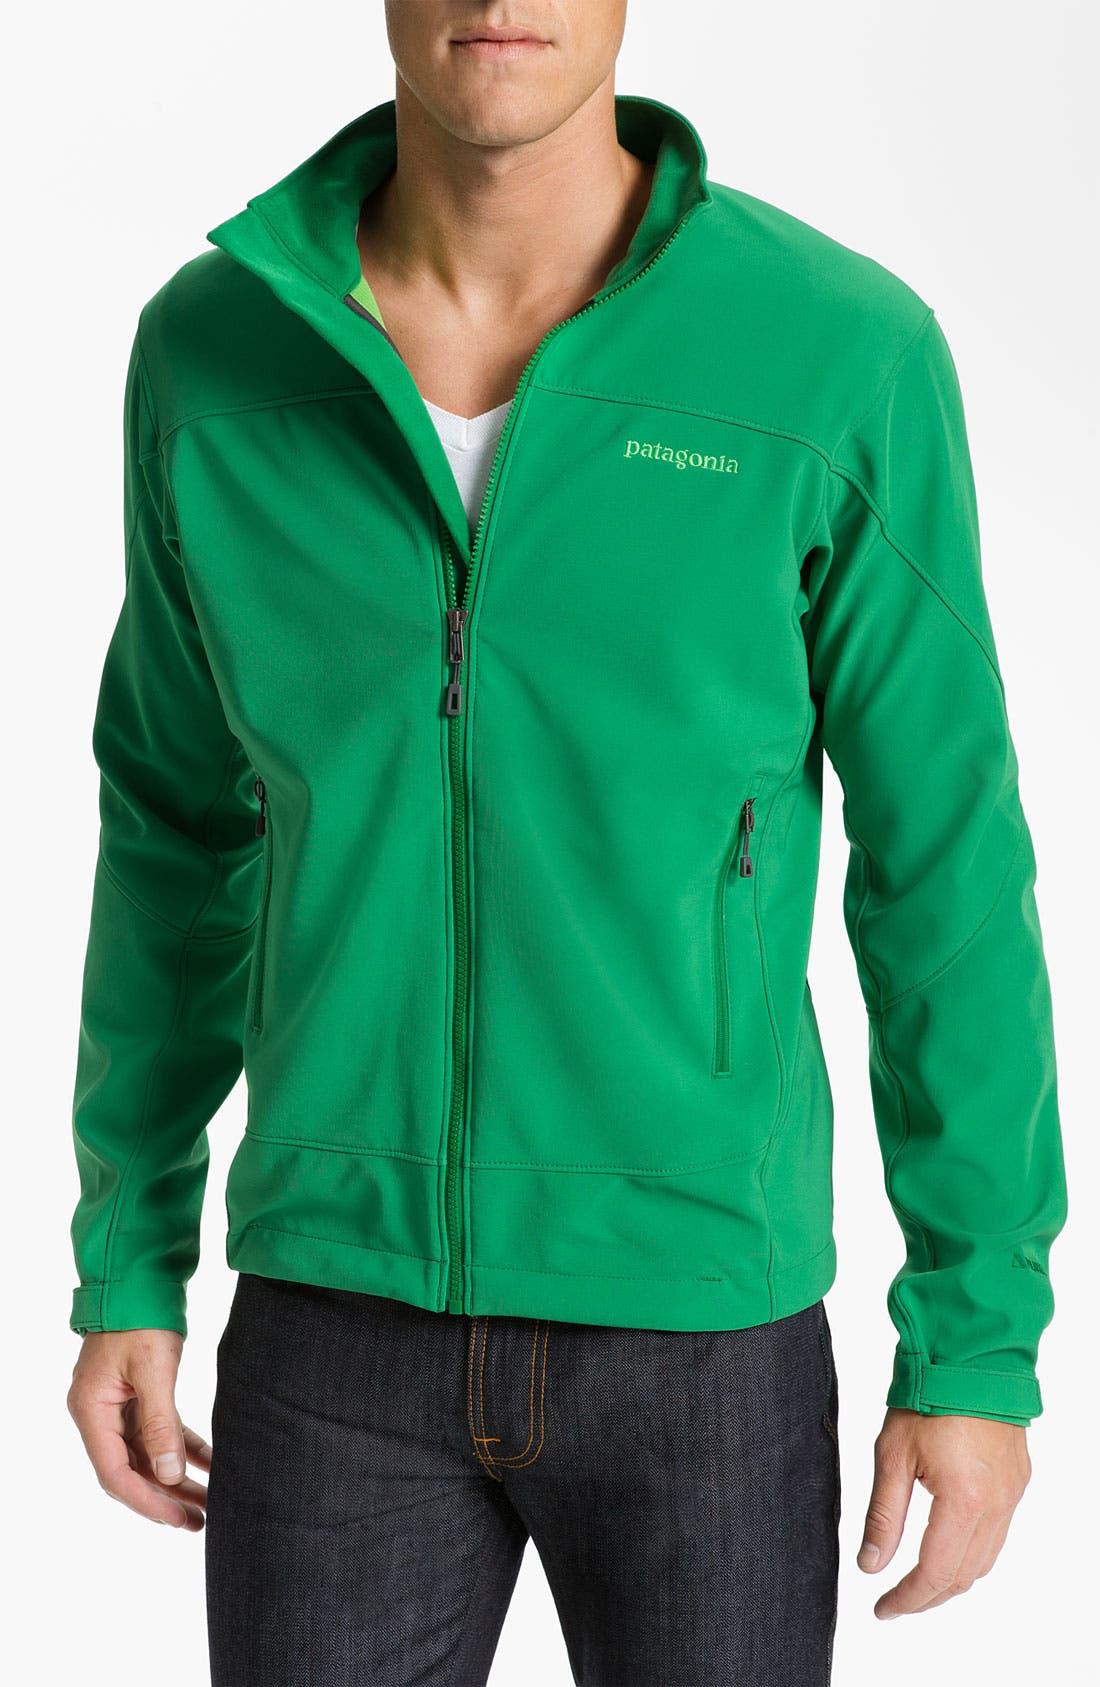 Main Image - Patagonia 'Adze' Zip Jacket